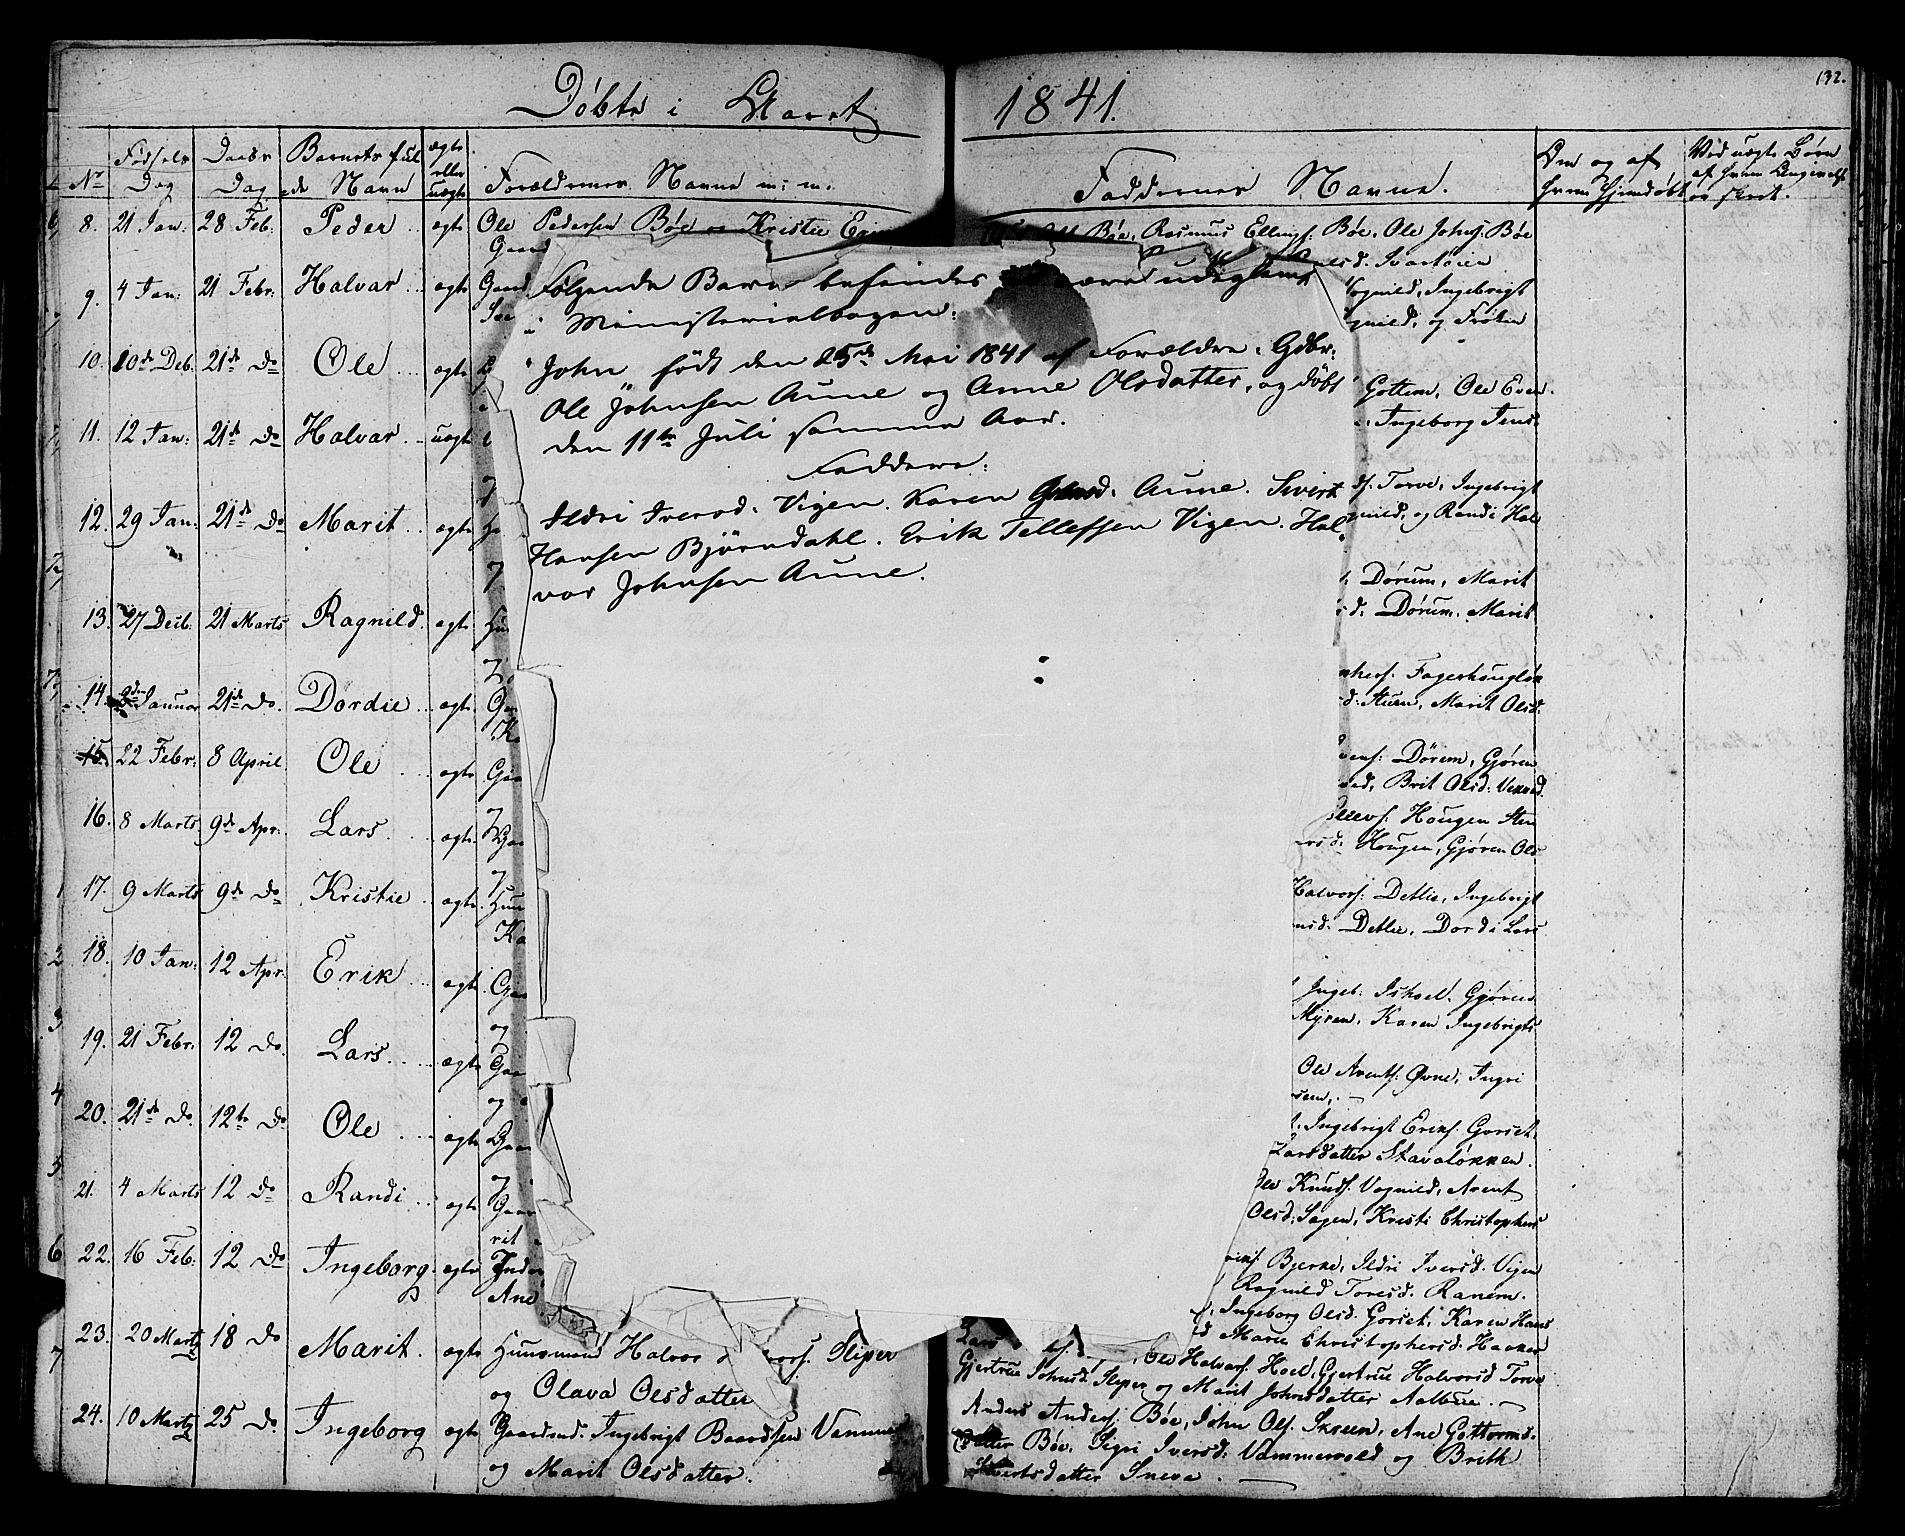 SAT, Ministerialprotokoller, klokkerbøker og fødselsregistre - Sør-Trøndelag, 678/L0897: Ministerialbok nr. 678A06-07, 1821-1847, s. 132